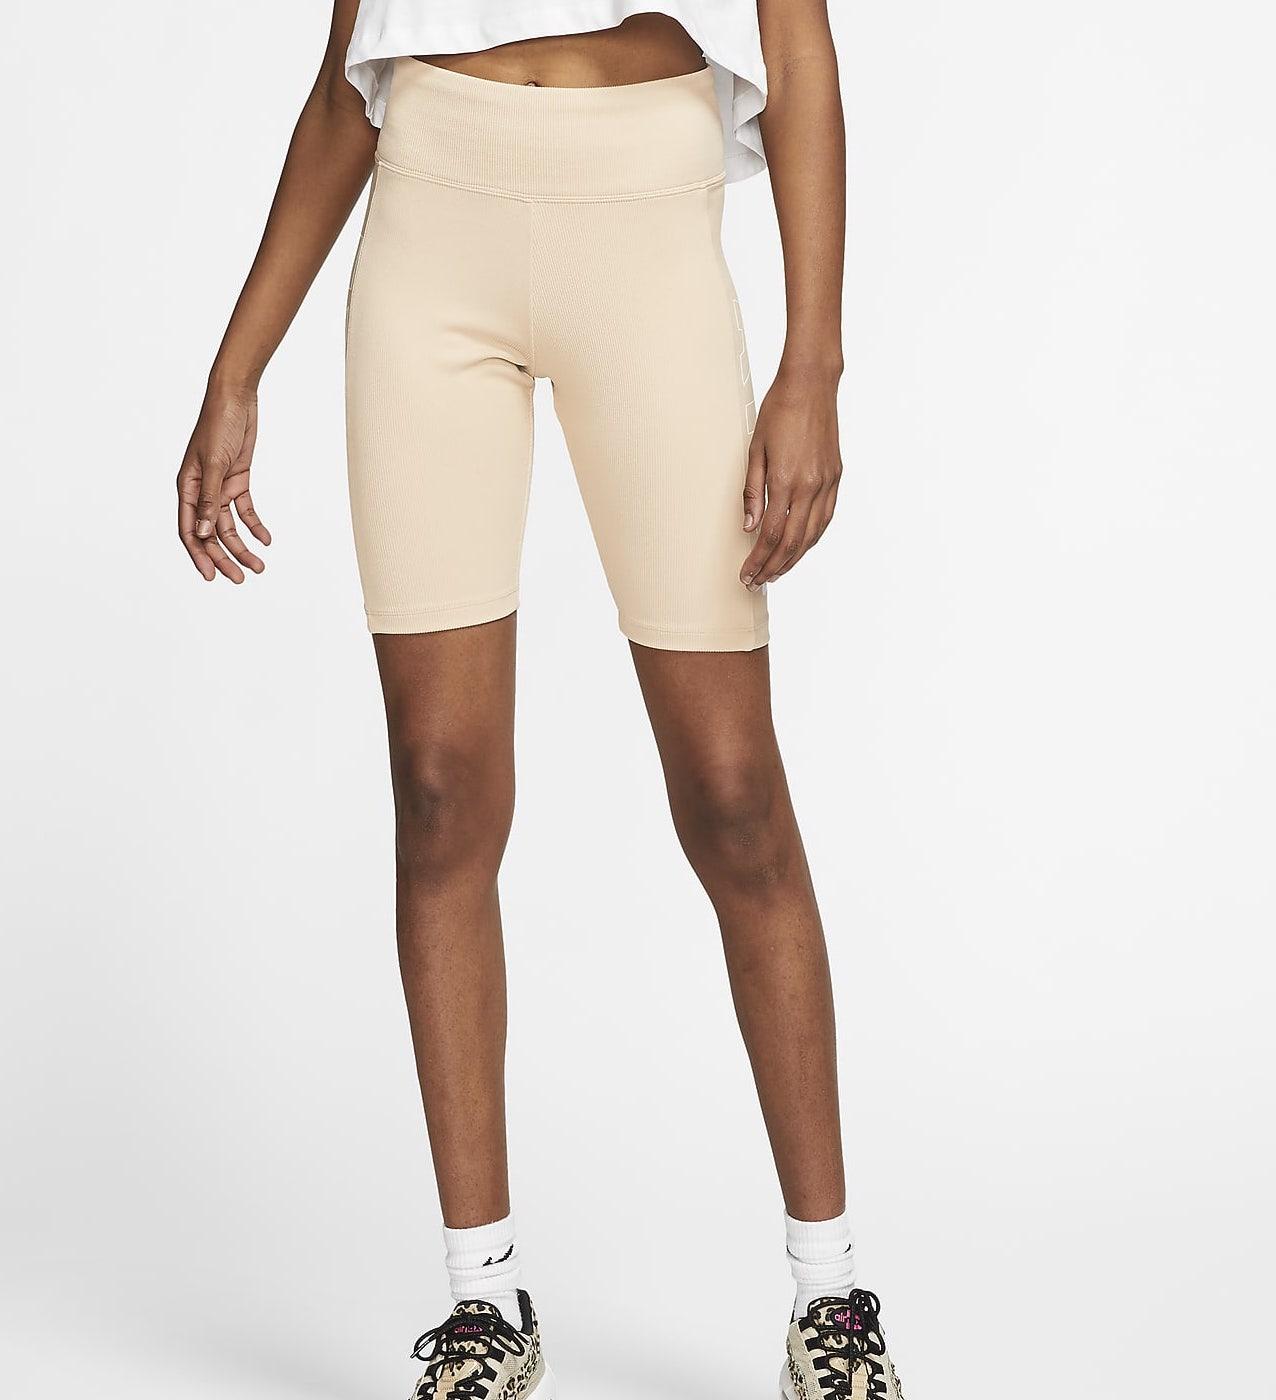 Nike Air Shorts Shimmer